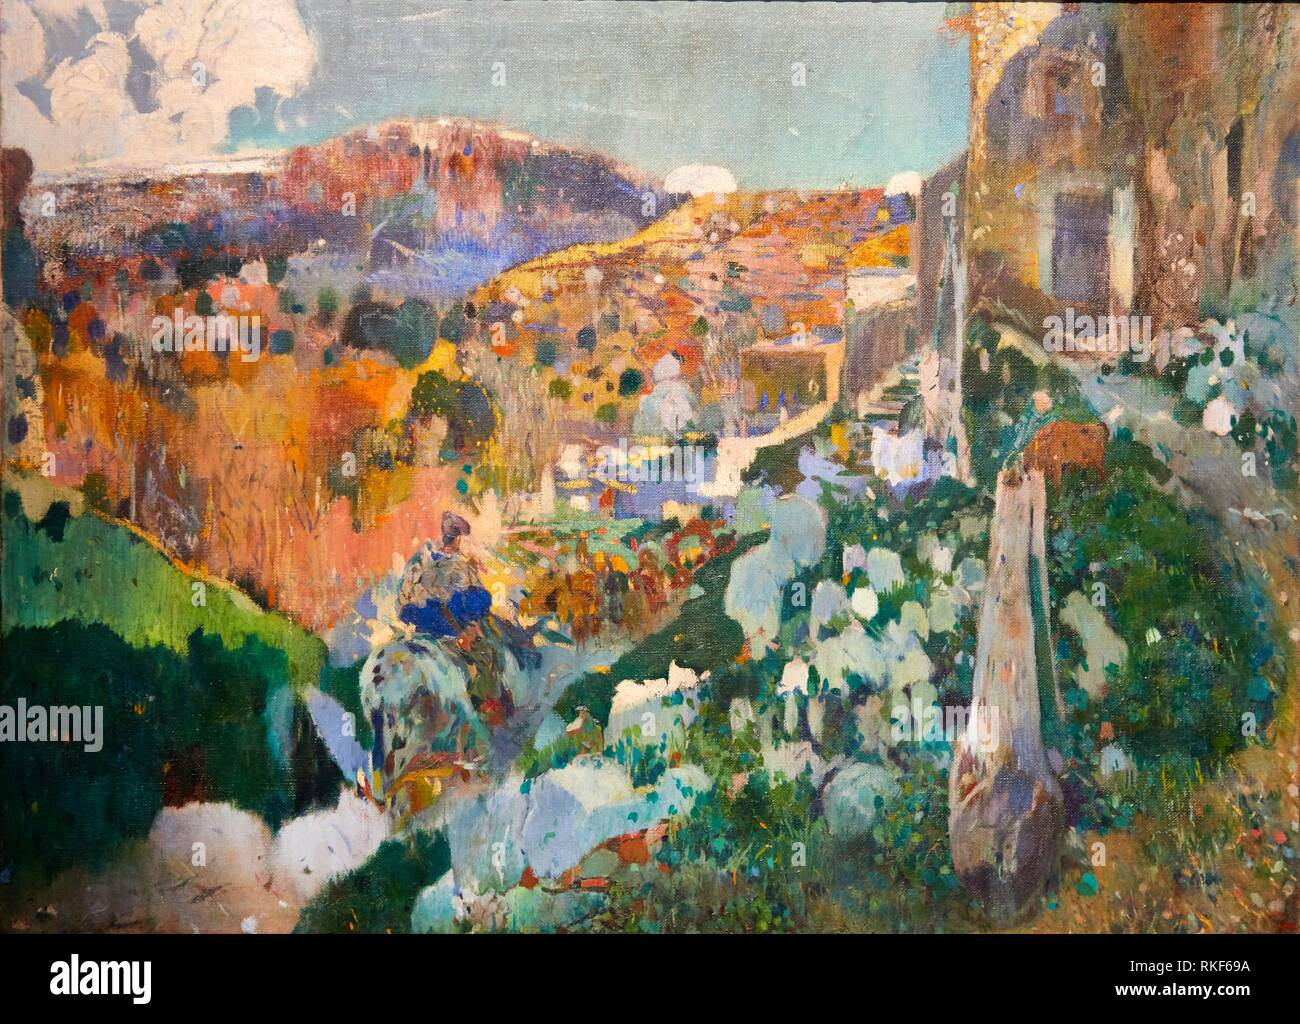 '''The Jewel'', c. 1910, Joaquim Mir, National Museum of Catalan Art, Museu Nacional d Art de Catalunya, MNAC, Barcelona, Spain, Europe - Stock Image